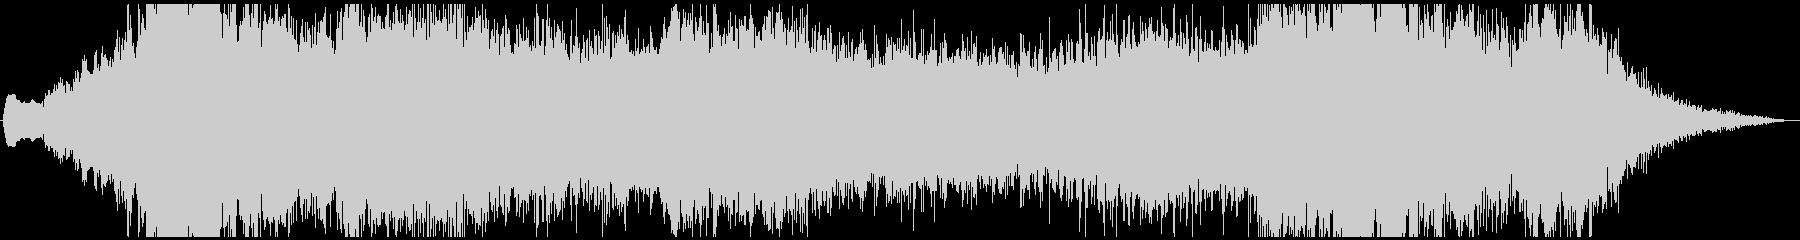 ドローン パンジャブ語01の未再生の波形